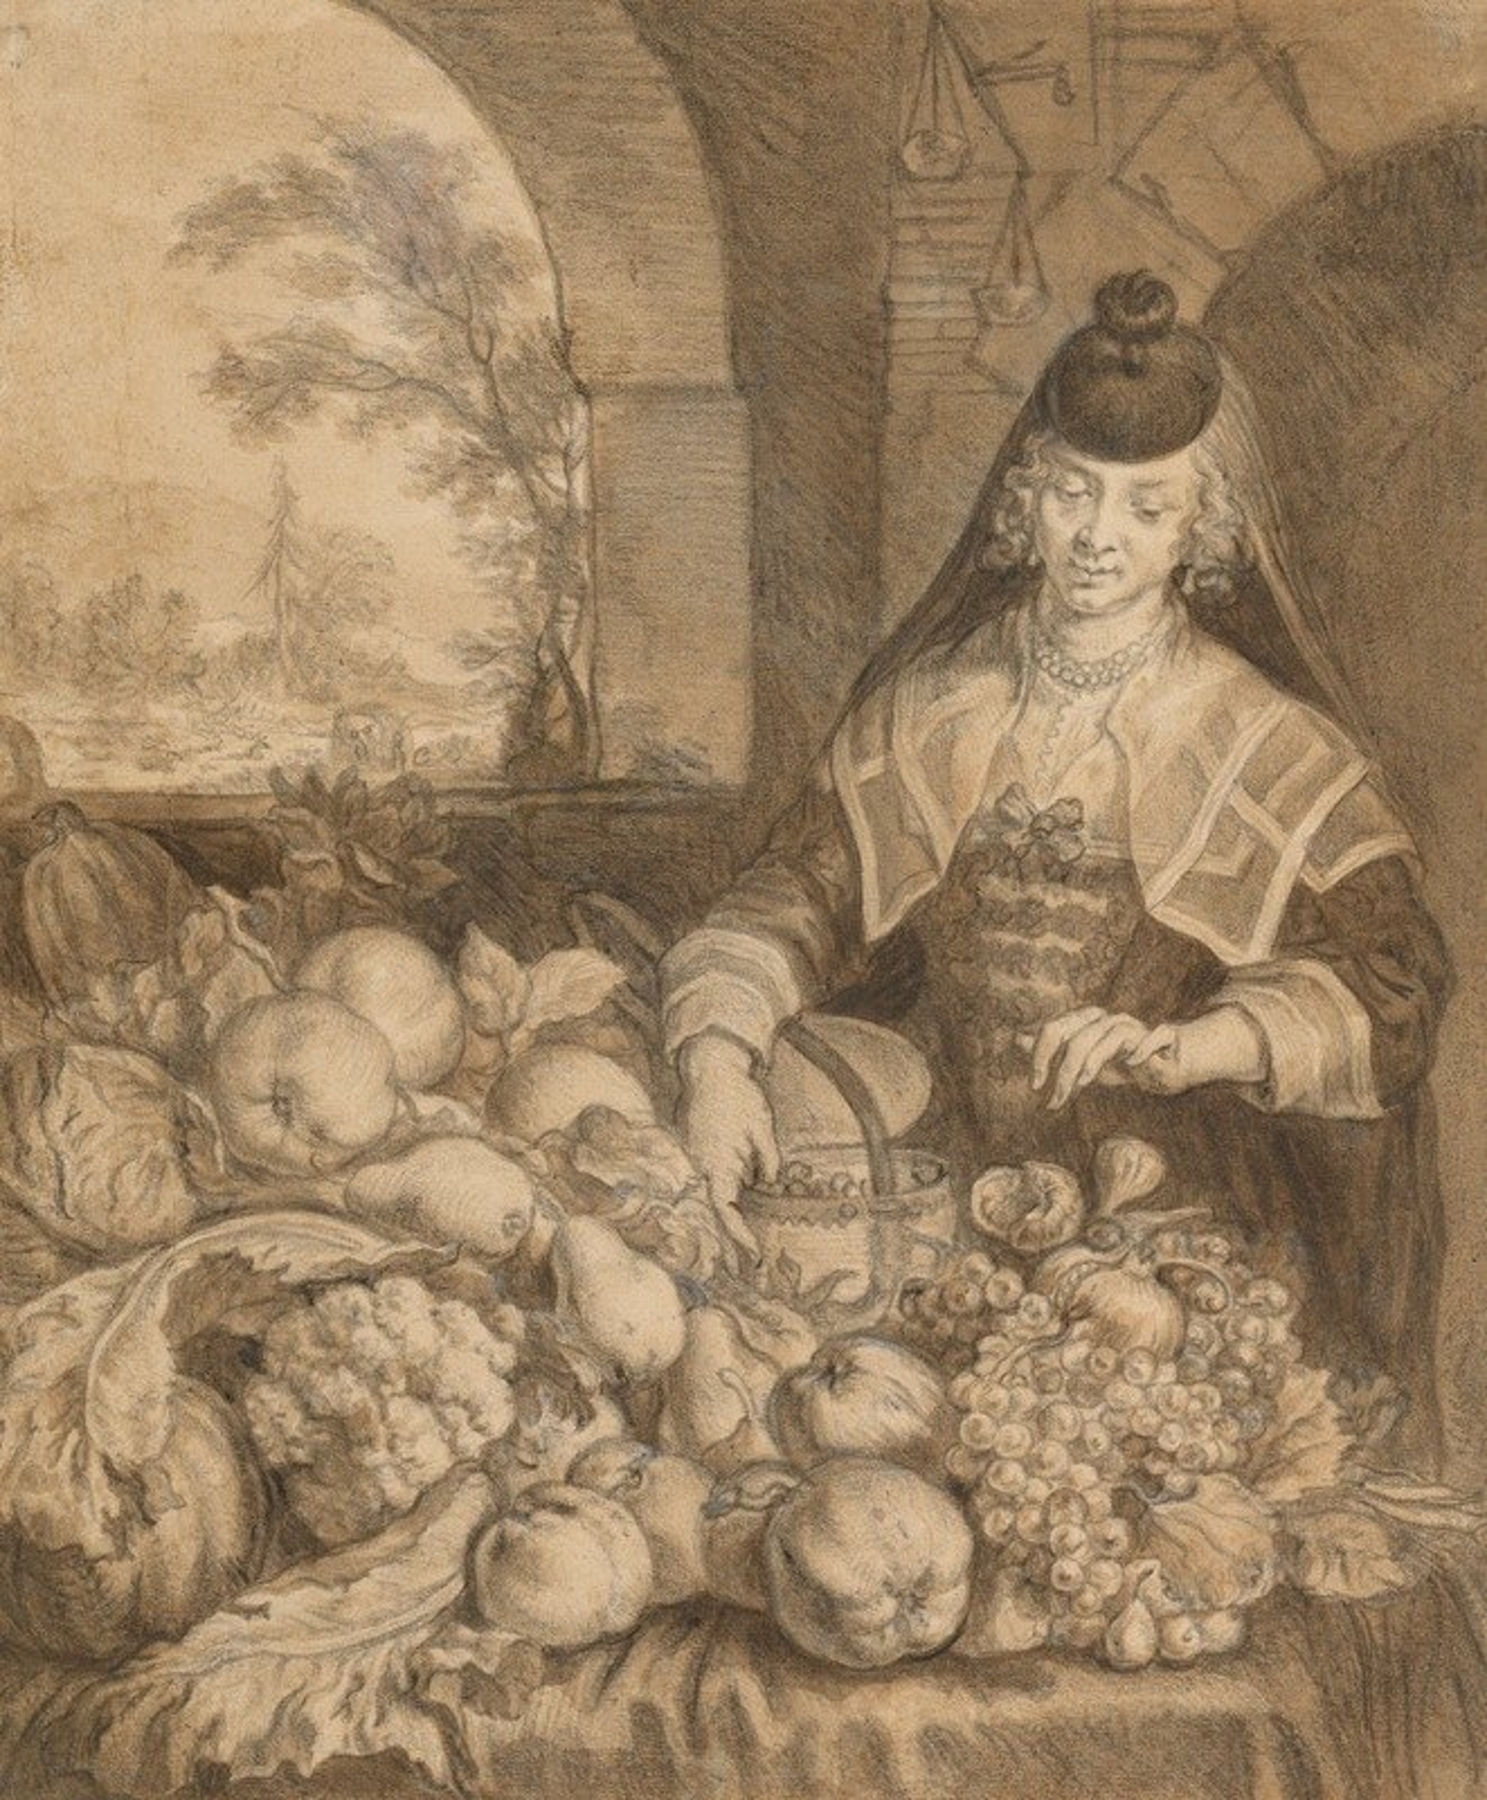 Joachim Von Sandrart - Personification of September